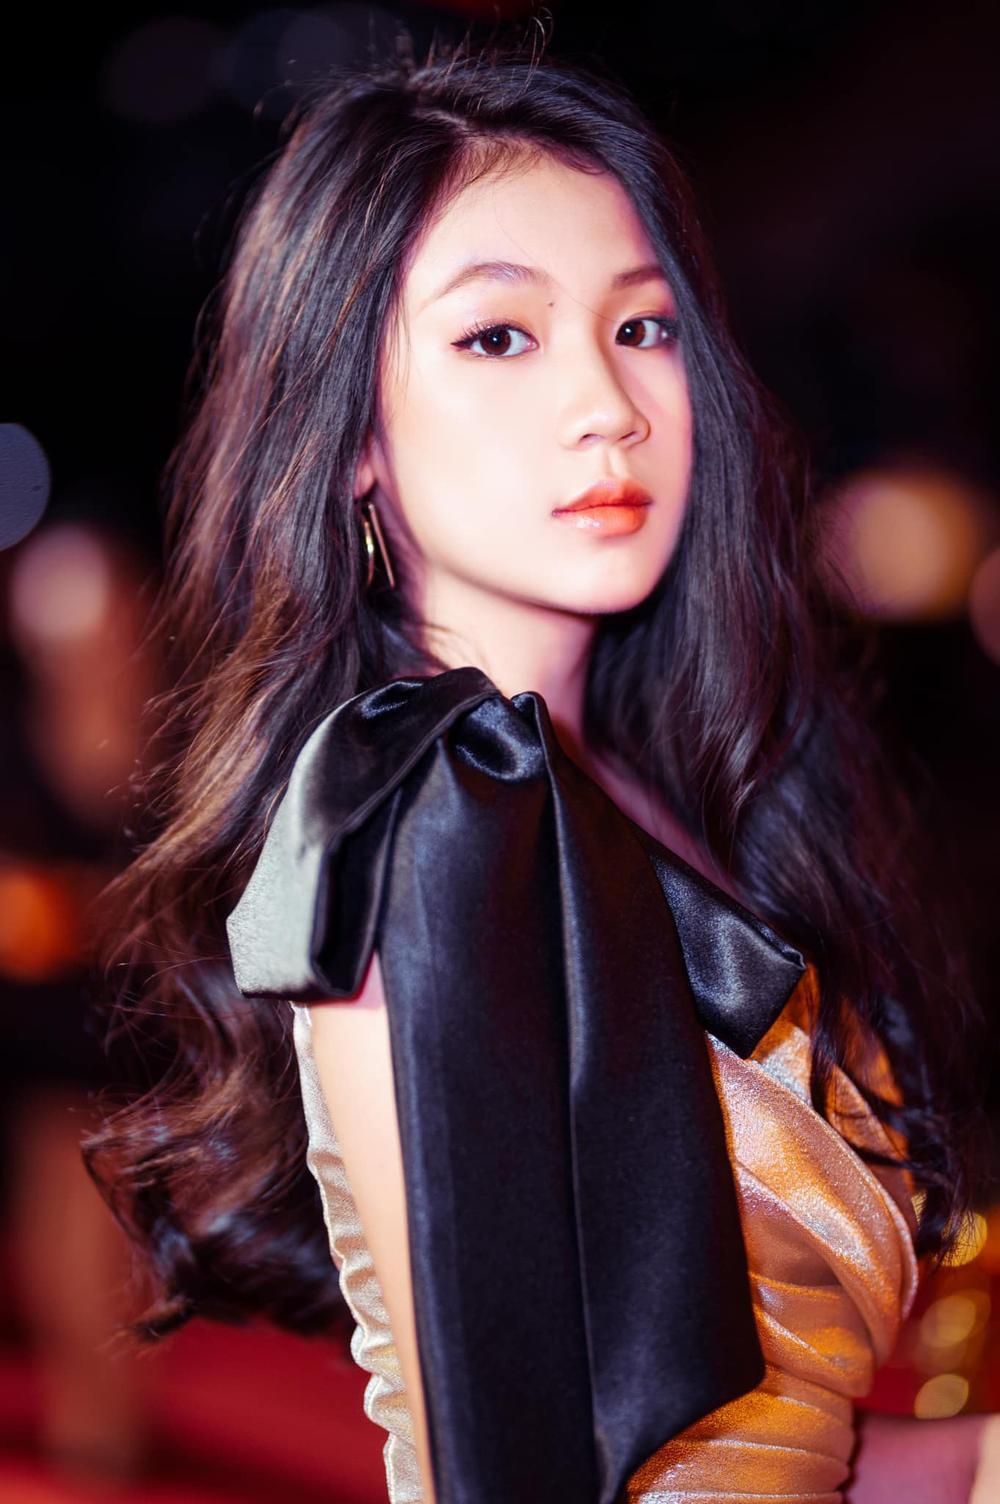 Con gái 16 tuổi của Lưu Thiên Hương khoe nhan sắc xinh như Hoa hậu khiến ai cũng say đắm Ảnh 5